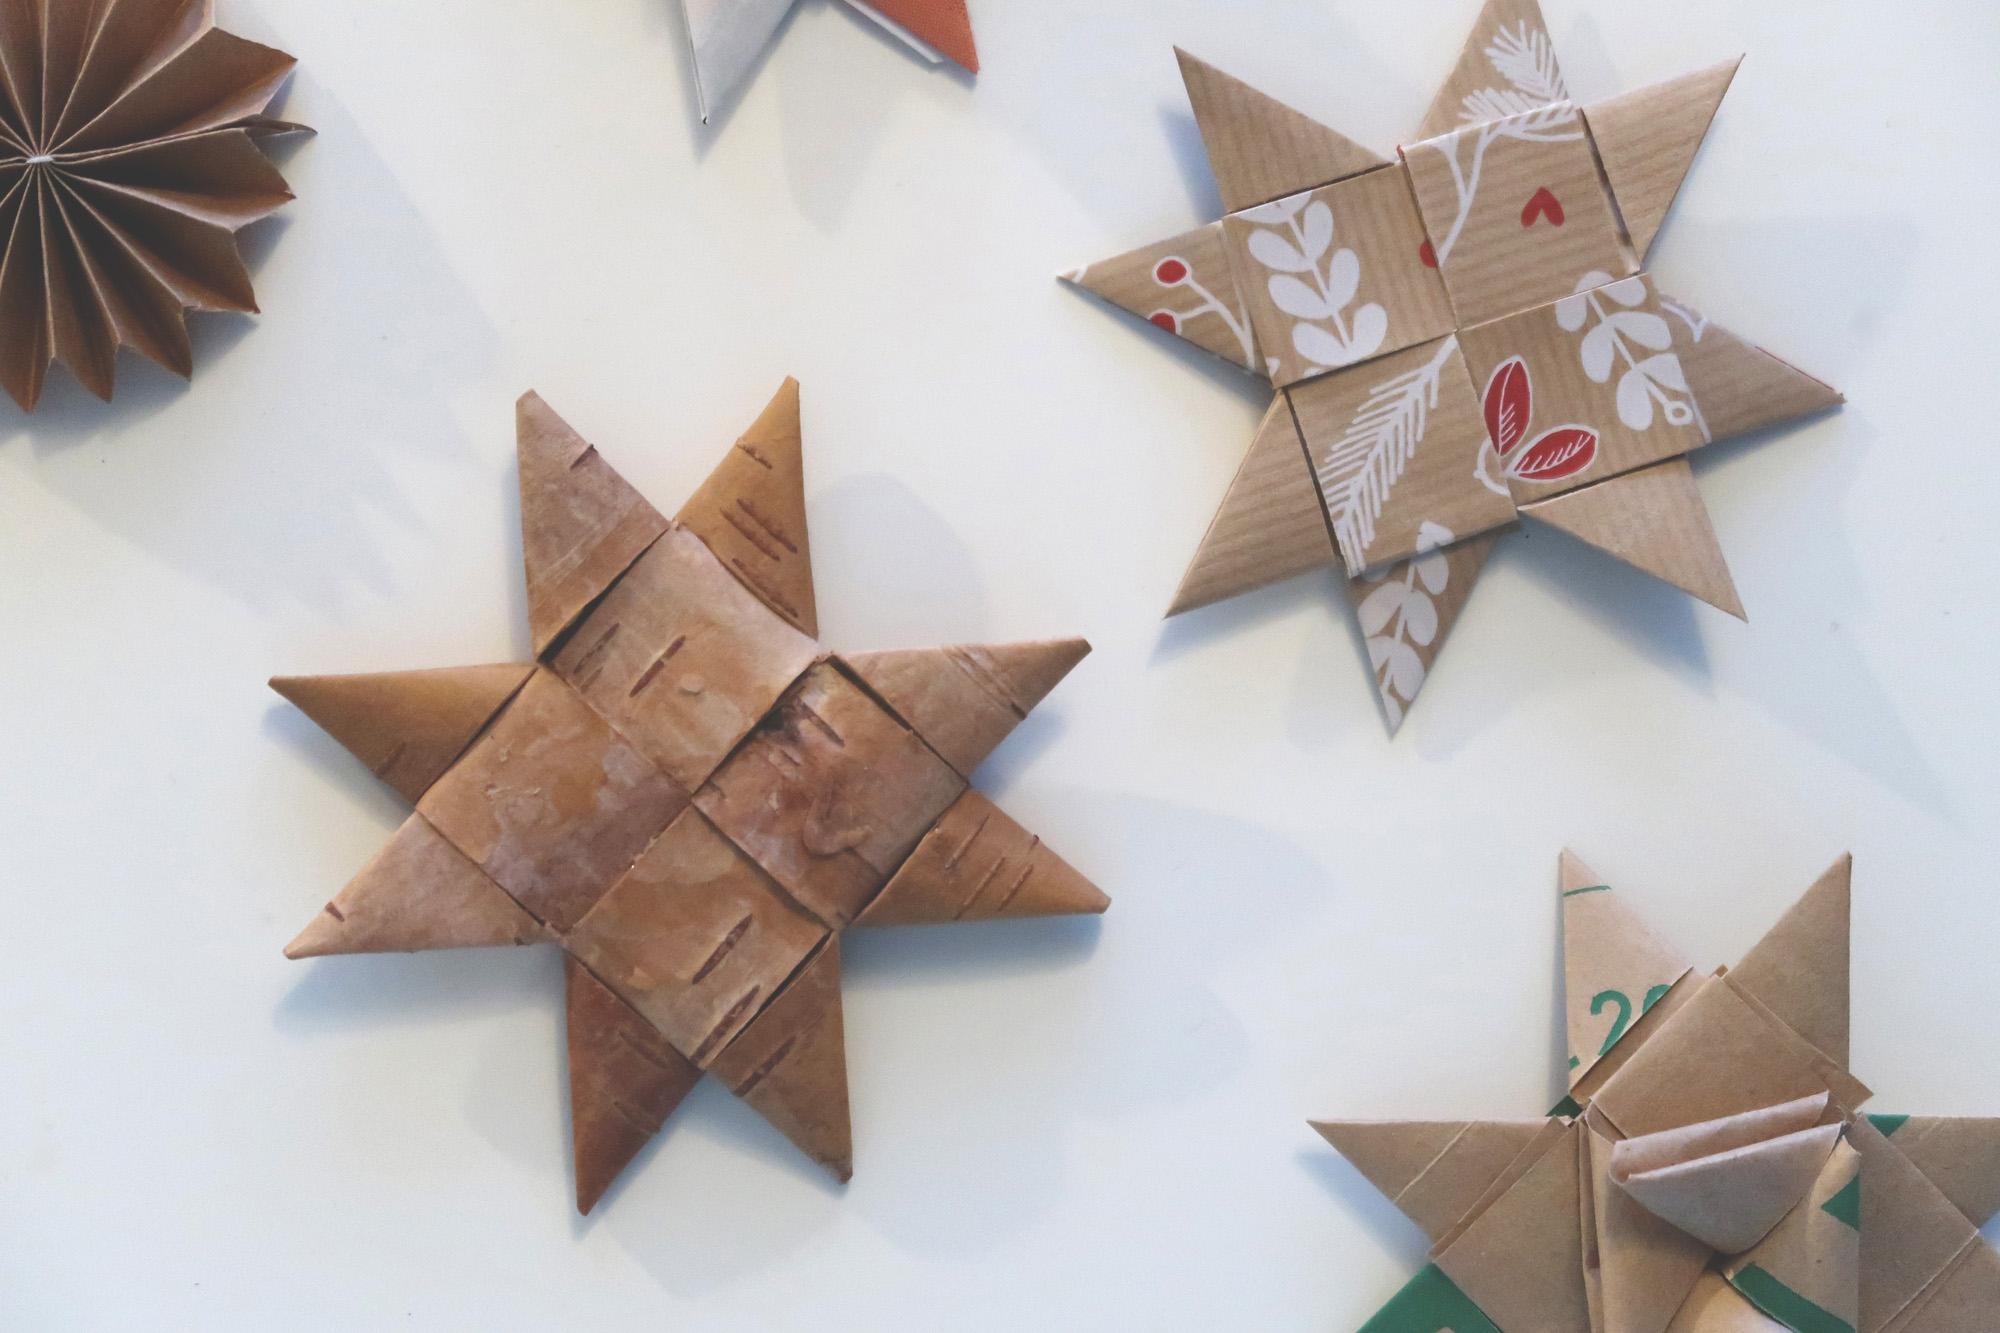 Vik en pappersstjärna av pappersremsor